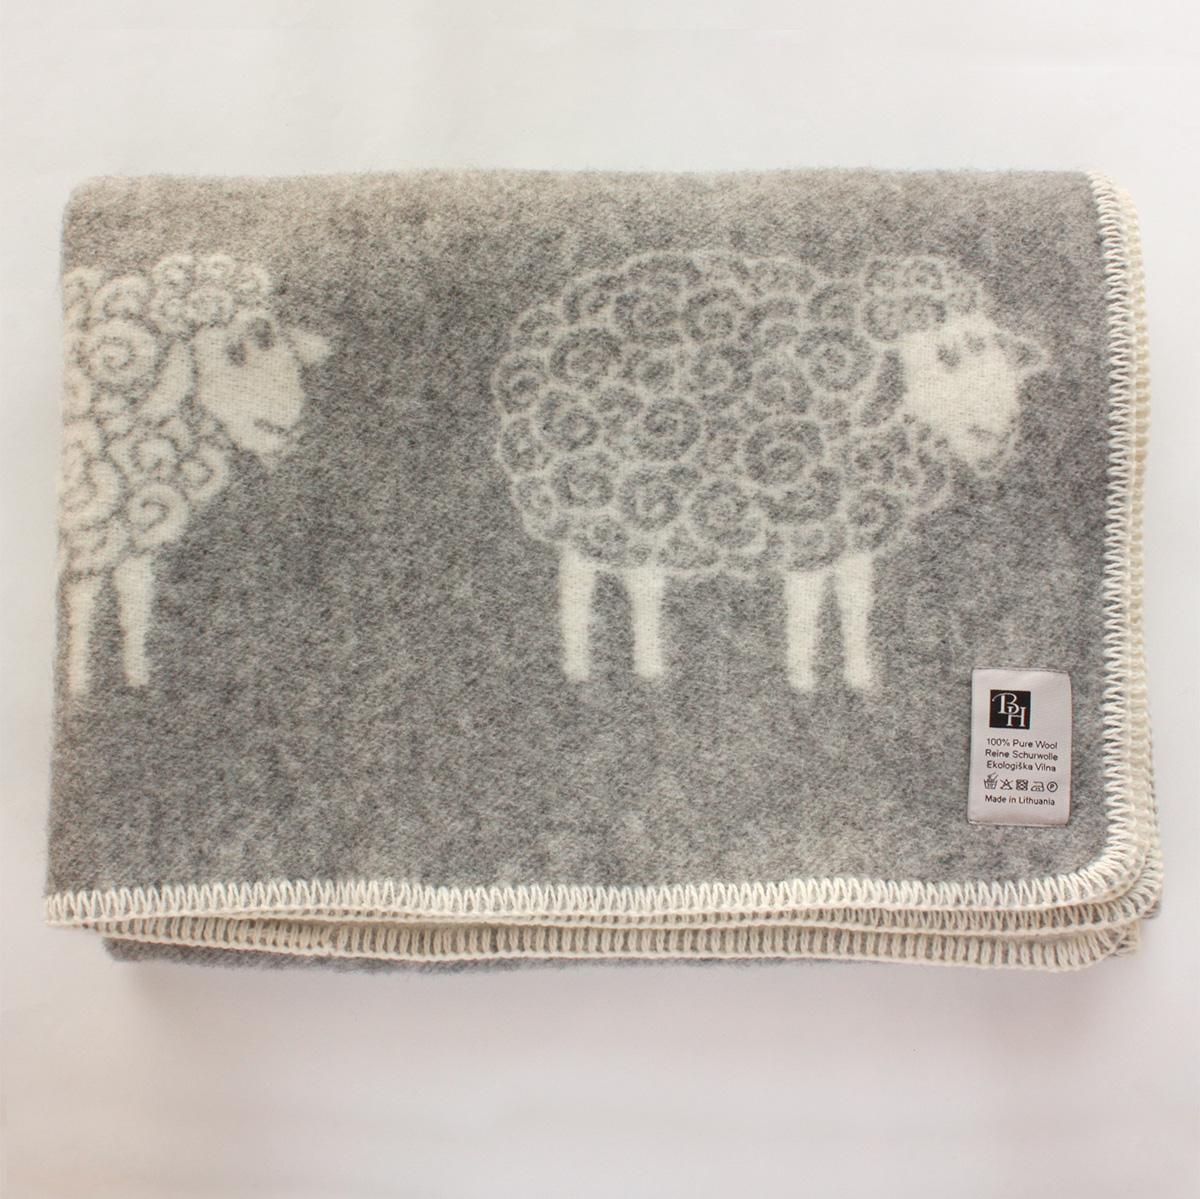 BARKER HOME 【ウールひざ掛け ハーフケット】Sheep beta グレー 北欧 リトアニア製